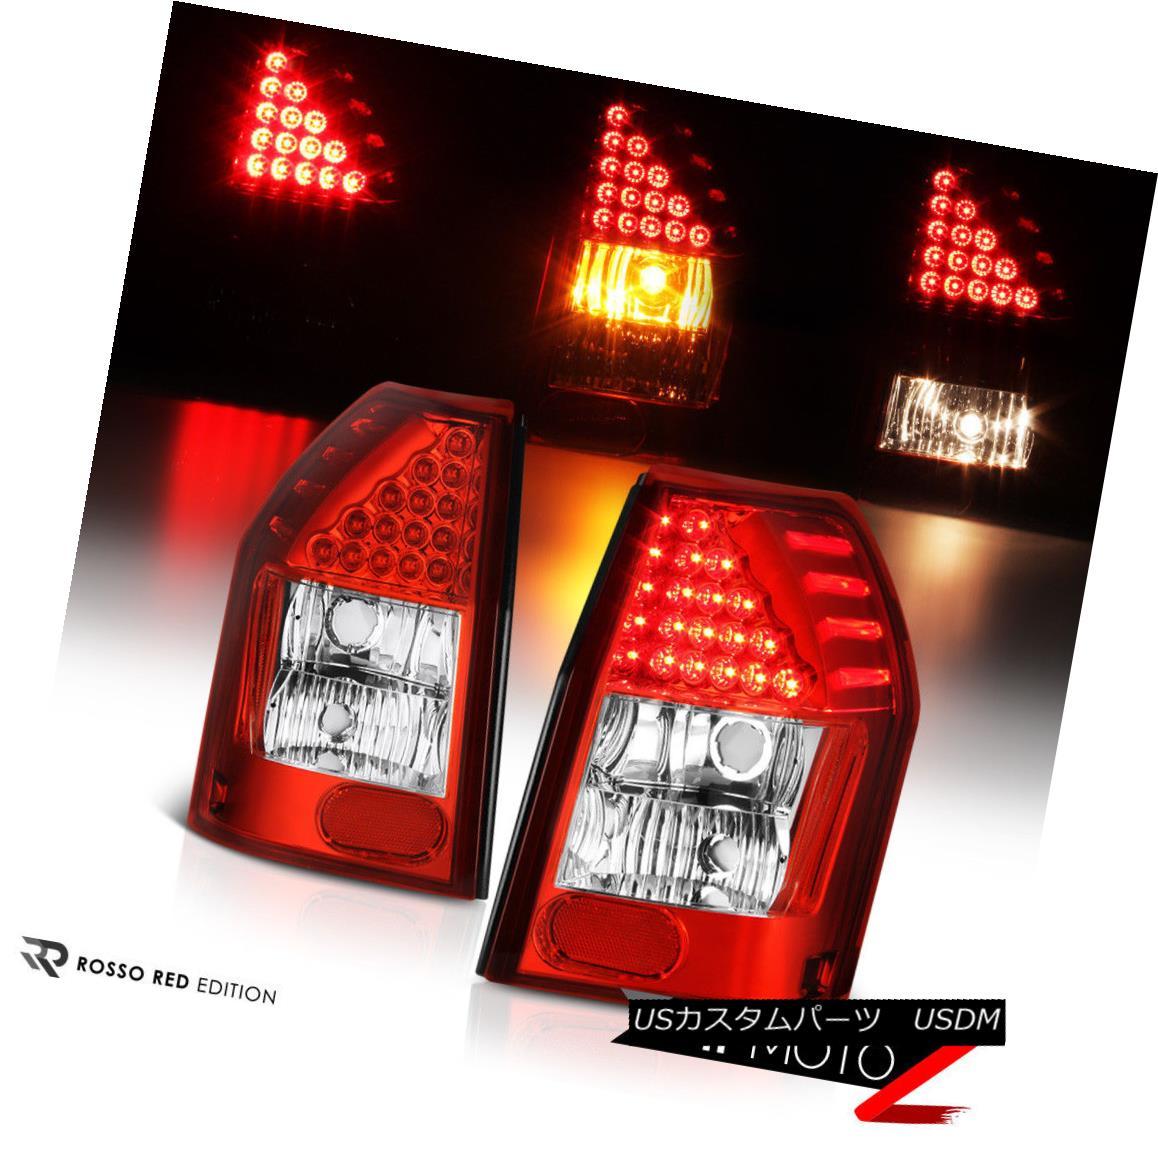 テールライト [Factory RED LED] 2005-2008 Dodge Magnum Tail Lights Left+Right Replacement SET [工場赤色LED] 2005-2008ダッジマグナムテールライト左+右置き換えセット